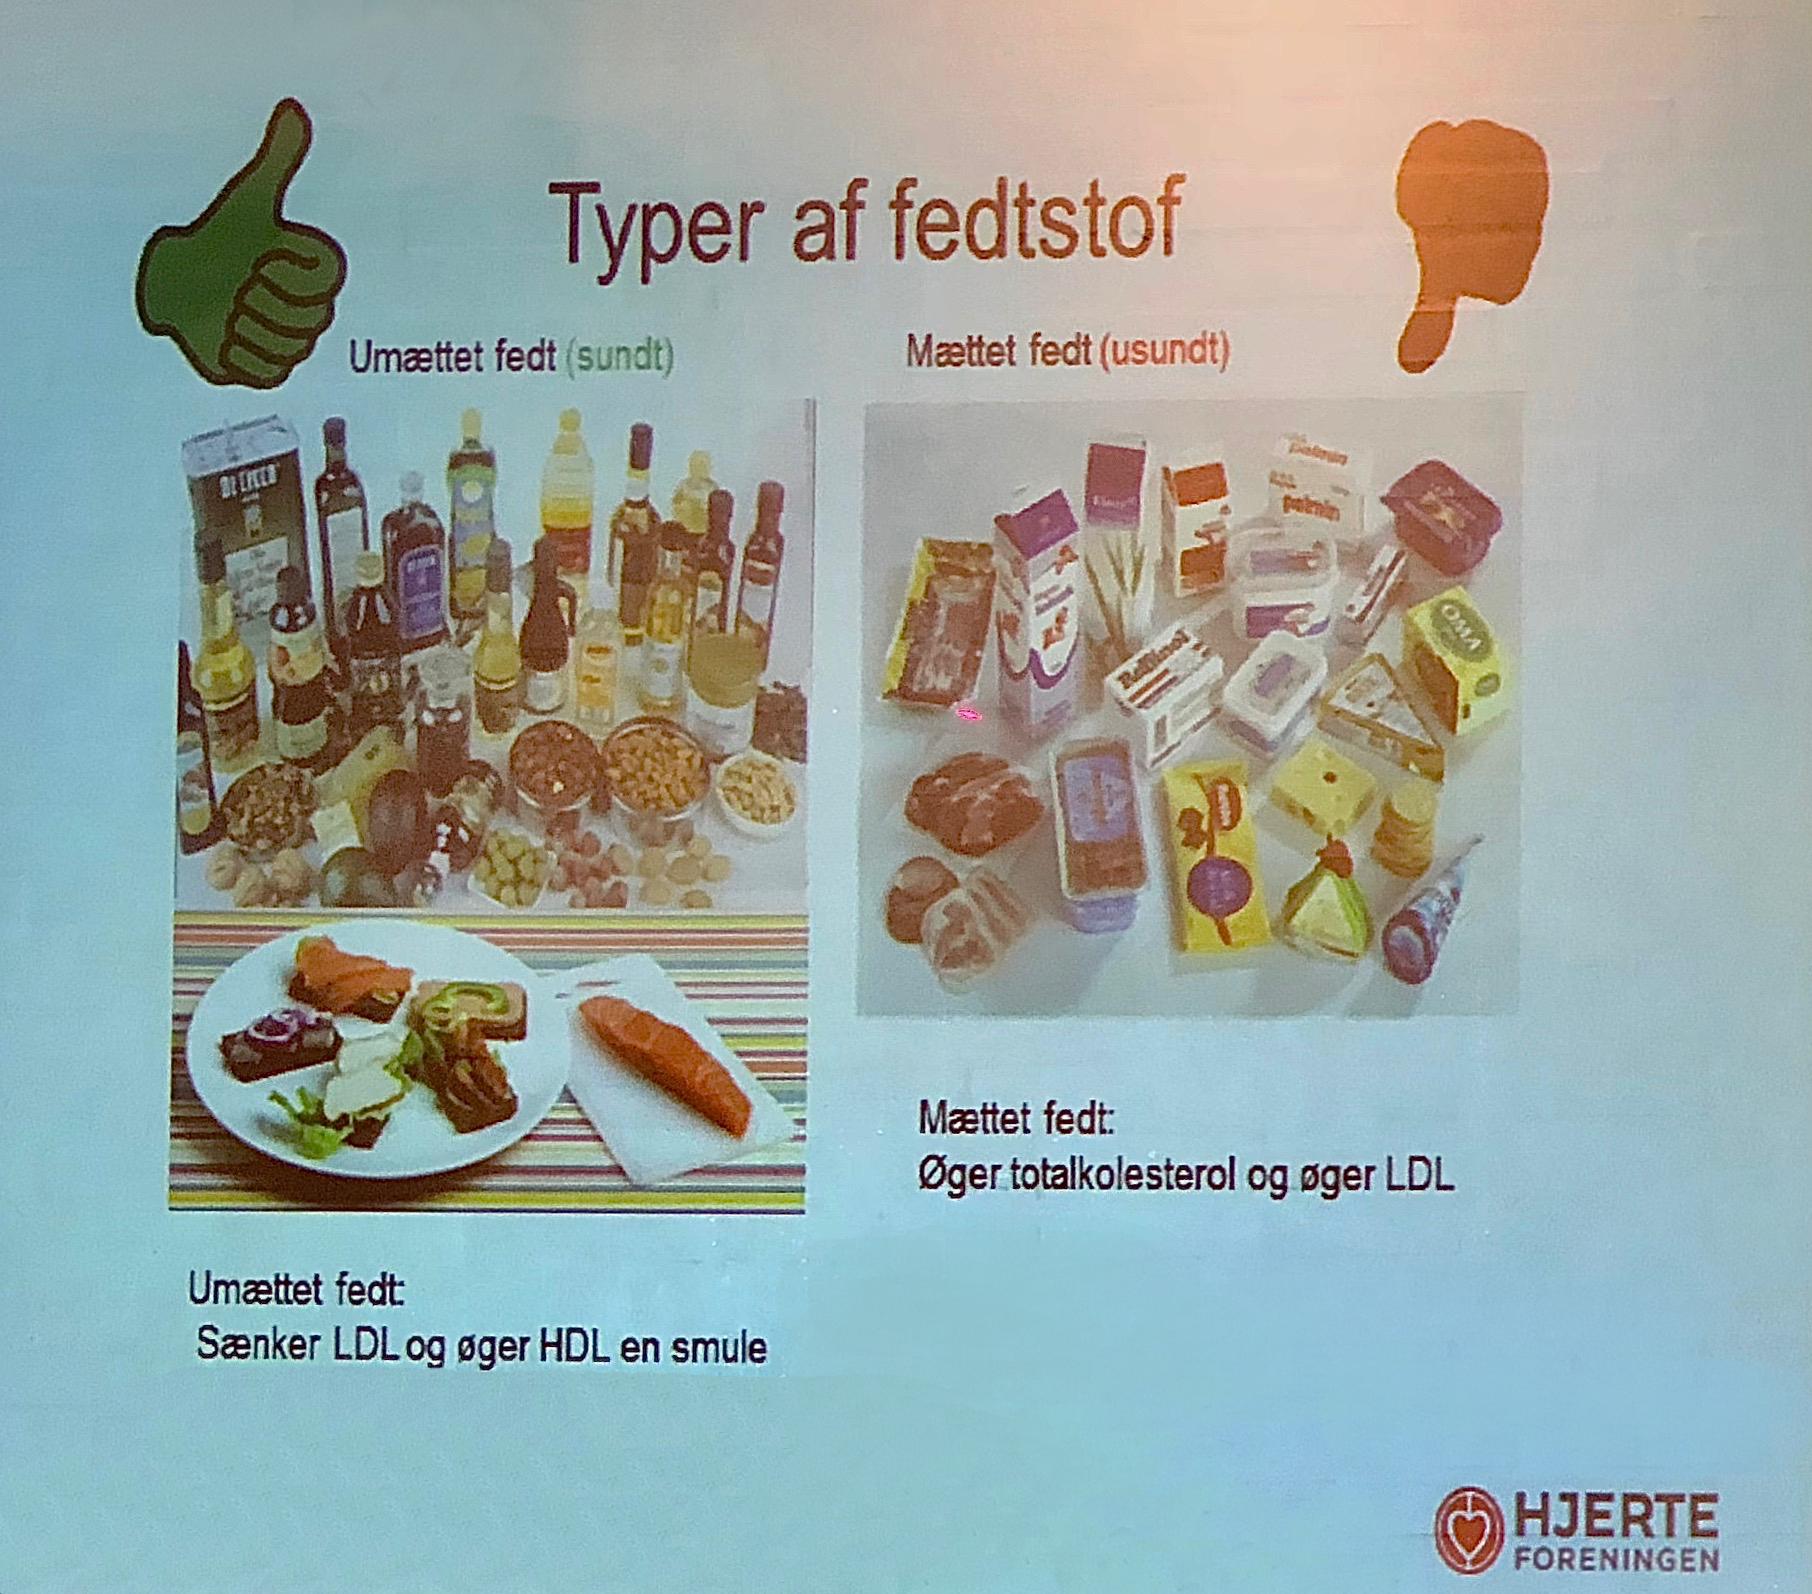 Det kan du selv gøre for at sænke dit kolesteroltal: 1) Vælg umættede fedsoffer, som primært findes i planter og fisk. 2) Vælg raps- og olivenolie. 3) Spis gerne nødder, mandler, advocado og 350 gram fisk om ugen. 4) Spar på det mættede fedt, som primært findes i fødevarer med et højt indhold af animalsk fedt. 5) Spis 600 gram frugt og grønt om dagen - halvt af hver. 6) Vælg fødevarer med Nøglehuldsmærket eller det orange fuldkornsmærke. 7) Dyrk motion. 8) Undlad at ryge. 9) Følg Sundhedsstyrelsens anbefaling om alkoholindtag. Foto: AOB